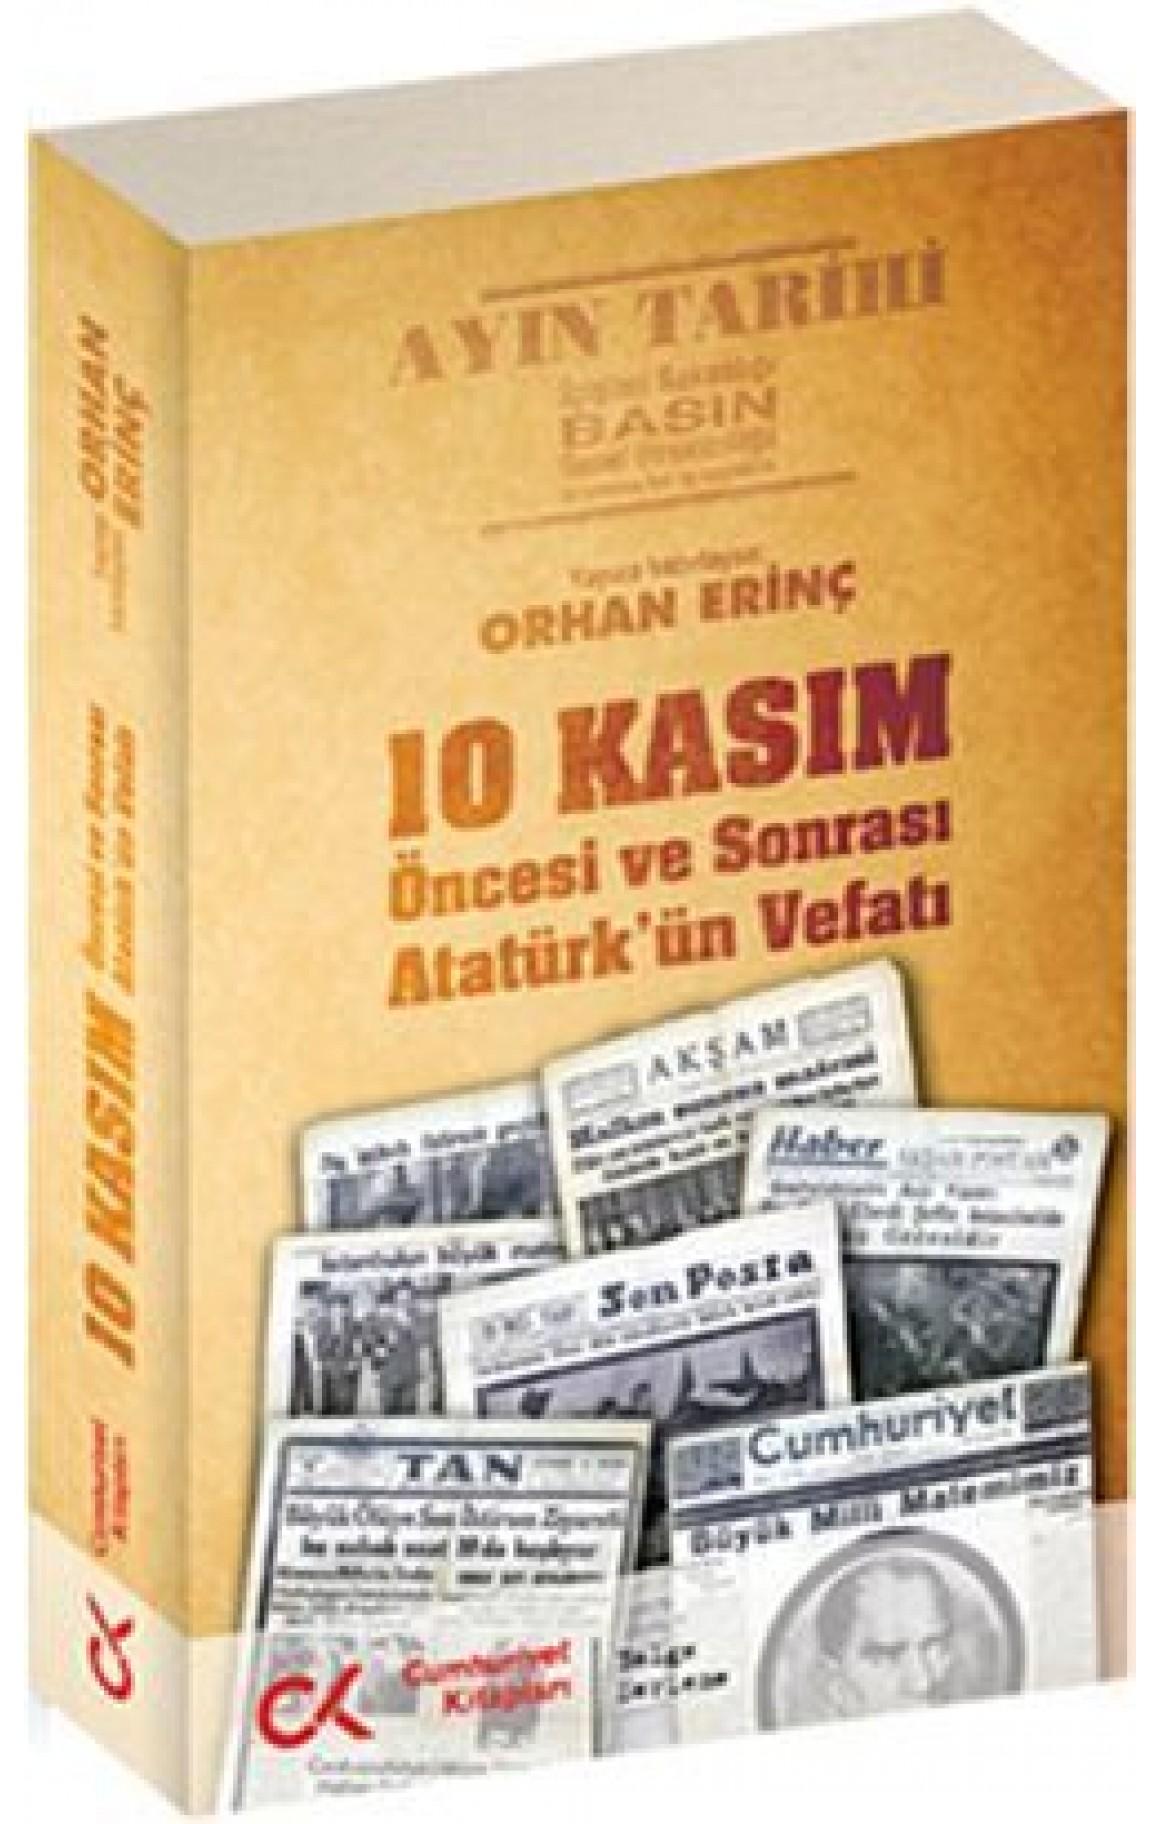 10 Kasım Öncesi ve Sonrası Atatürkün Vefatı